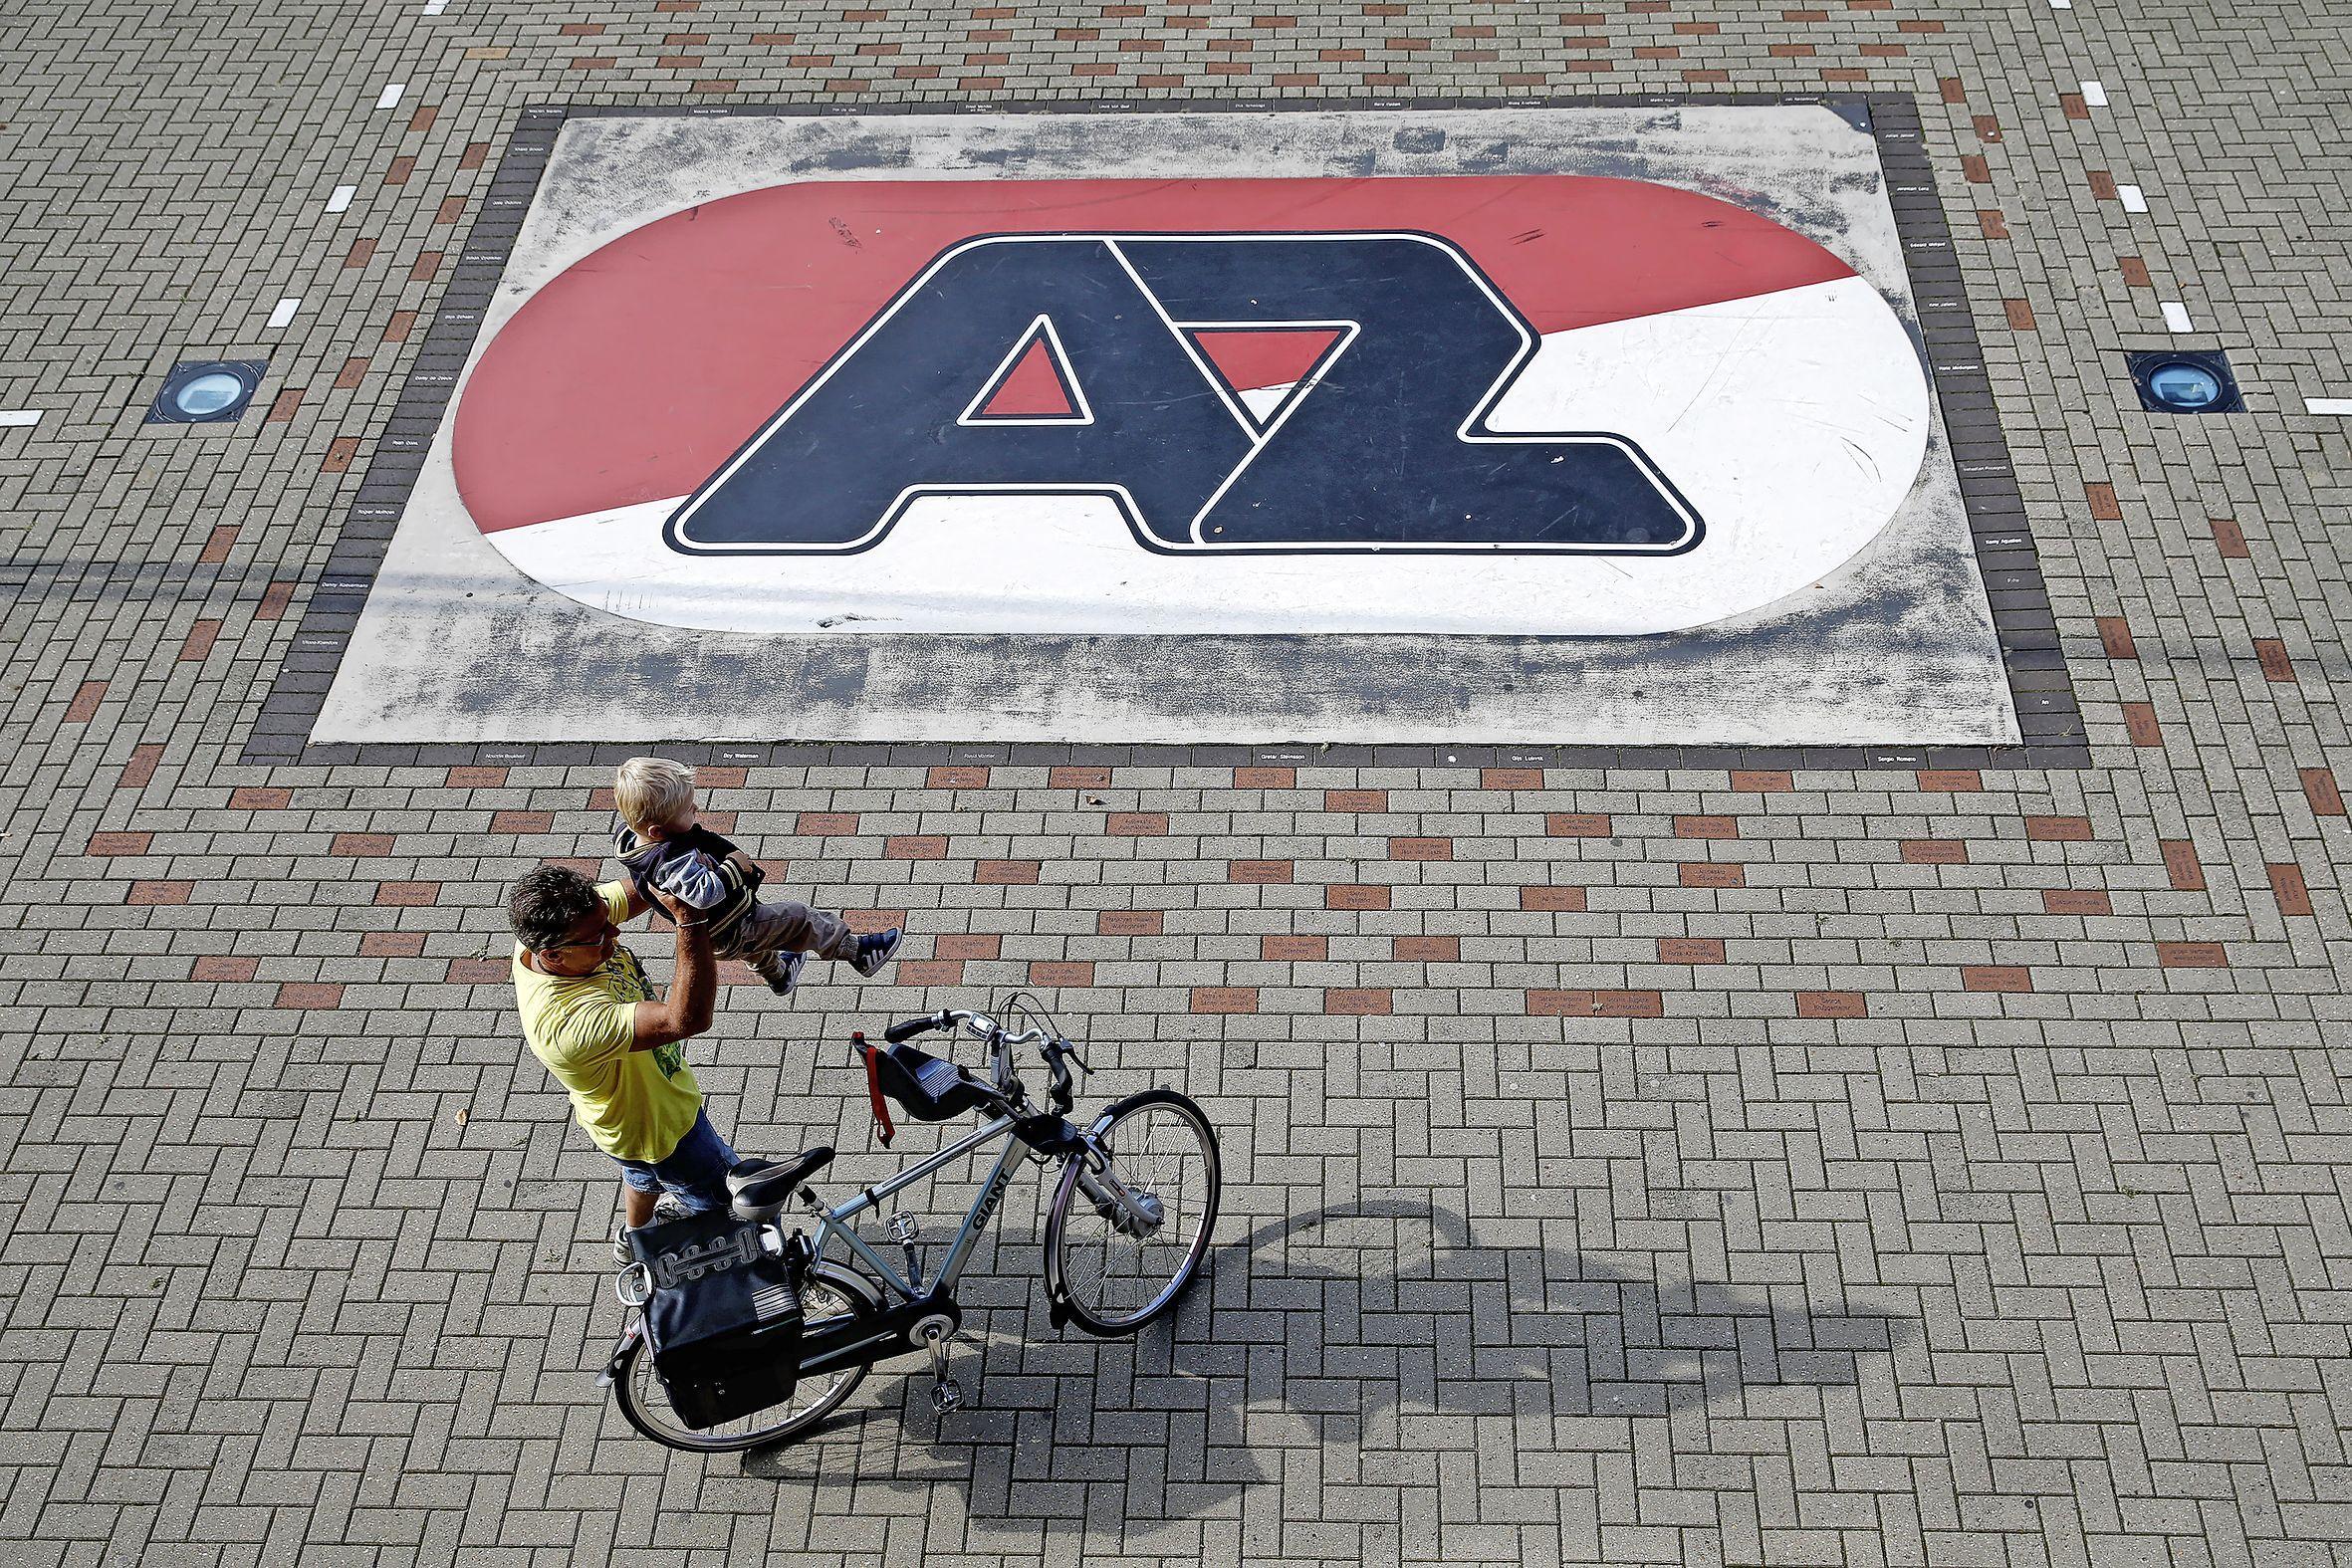 Mogelijke kampioenswedstrijd van Ajax tegen AZ verplaatst naar 14.30 uur vanwege avondklok